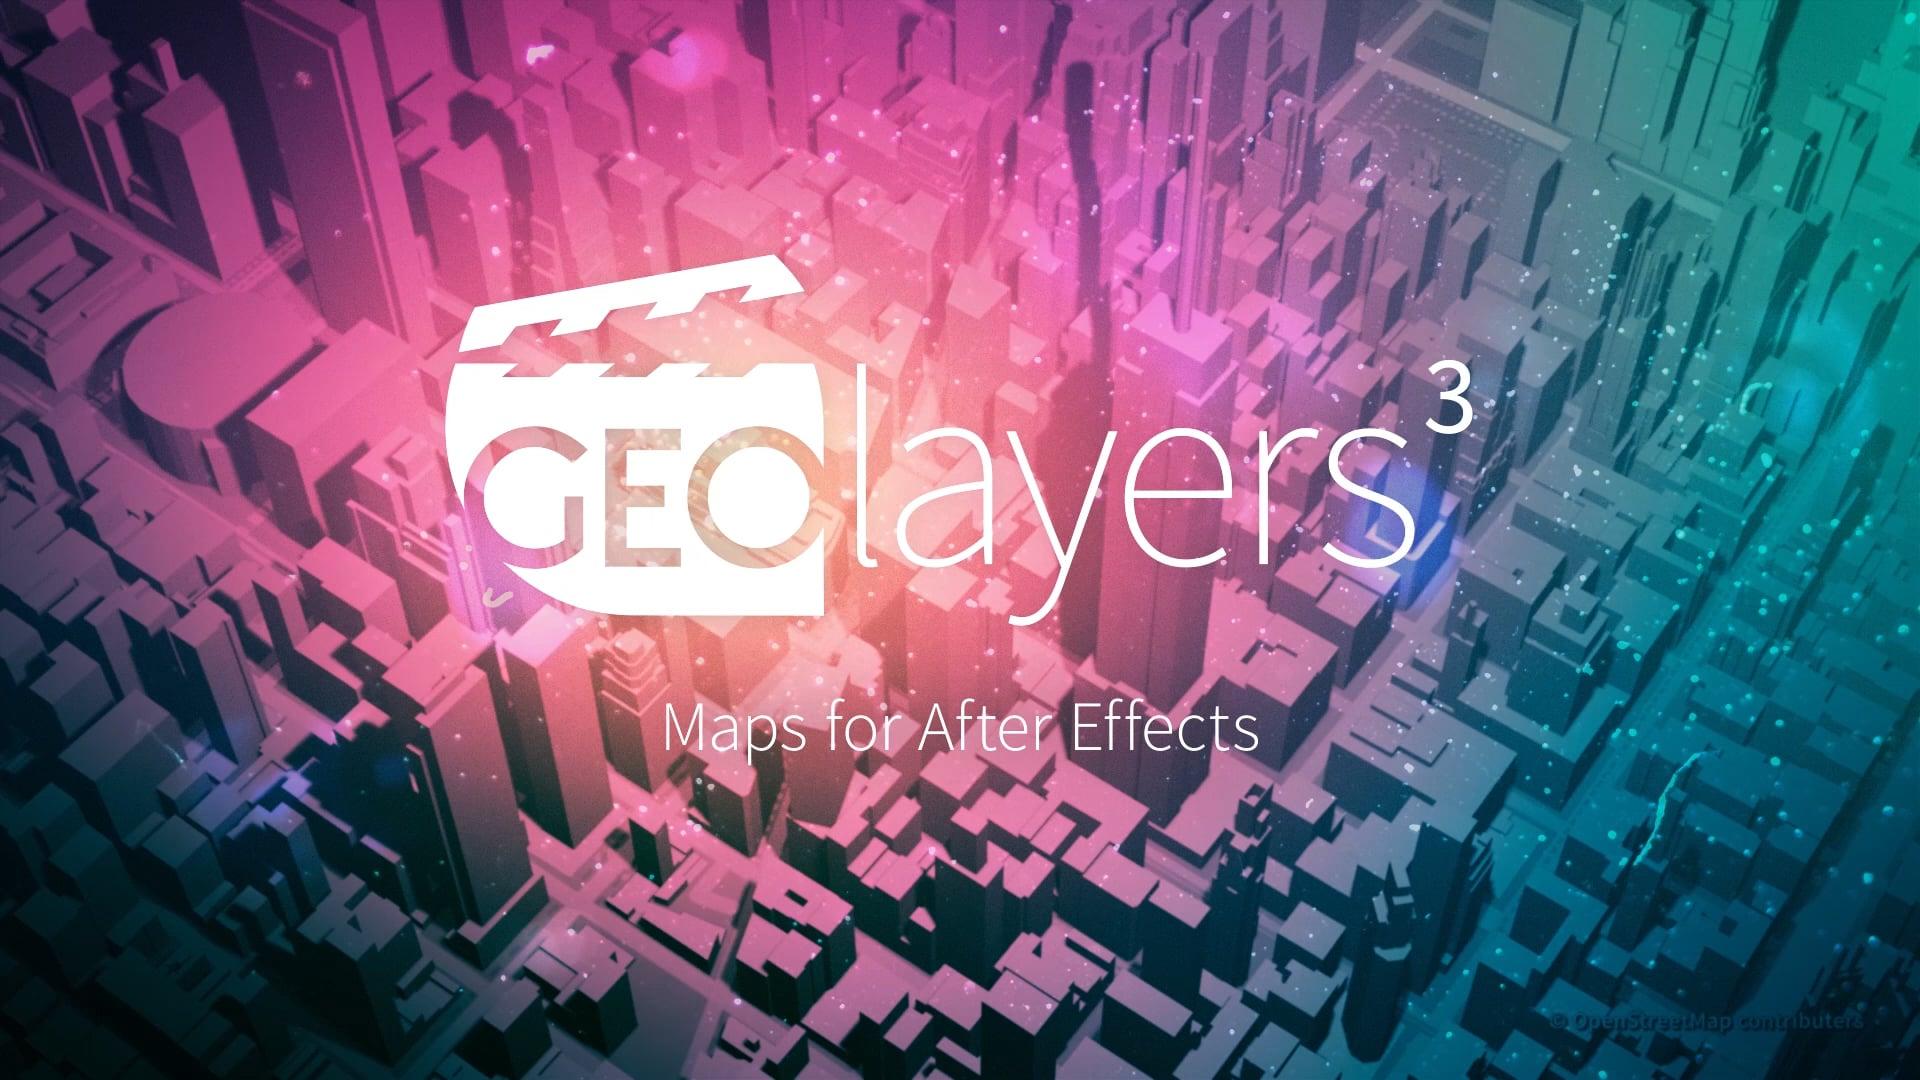 دانلود پلاگین افتر افکت GEOlayers 3